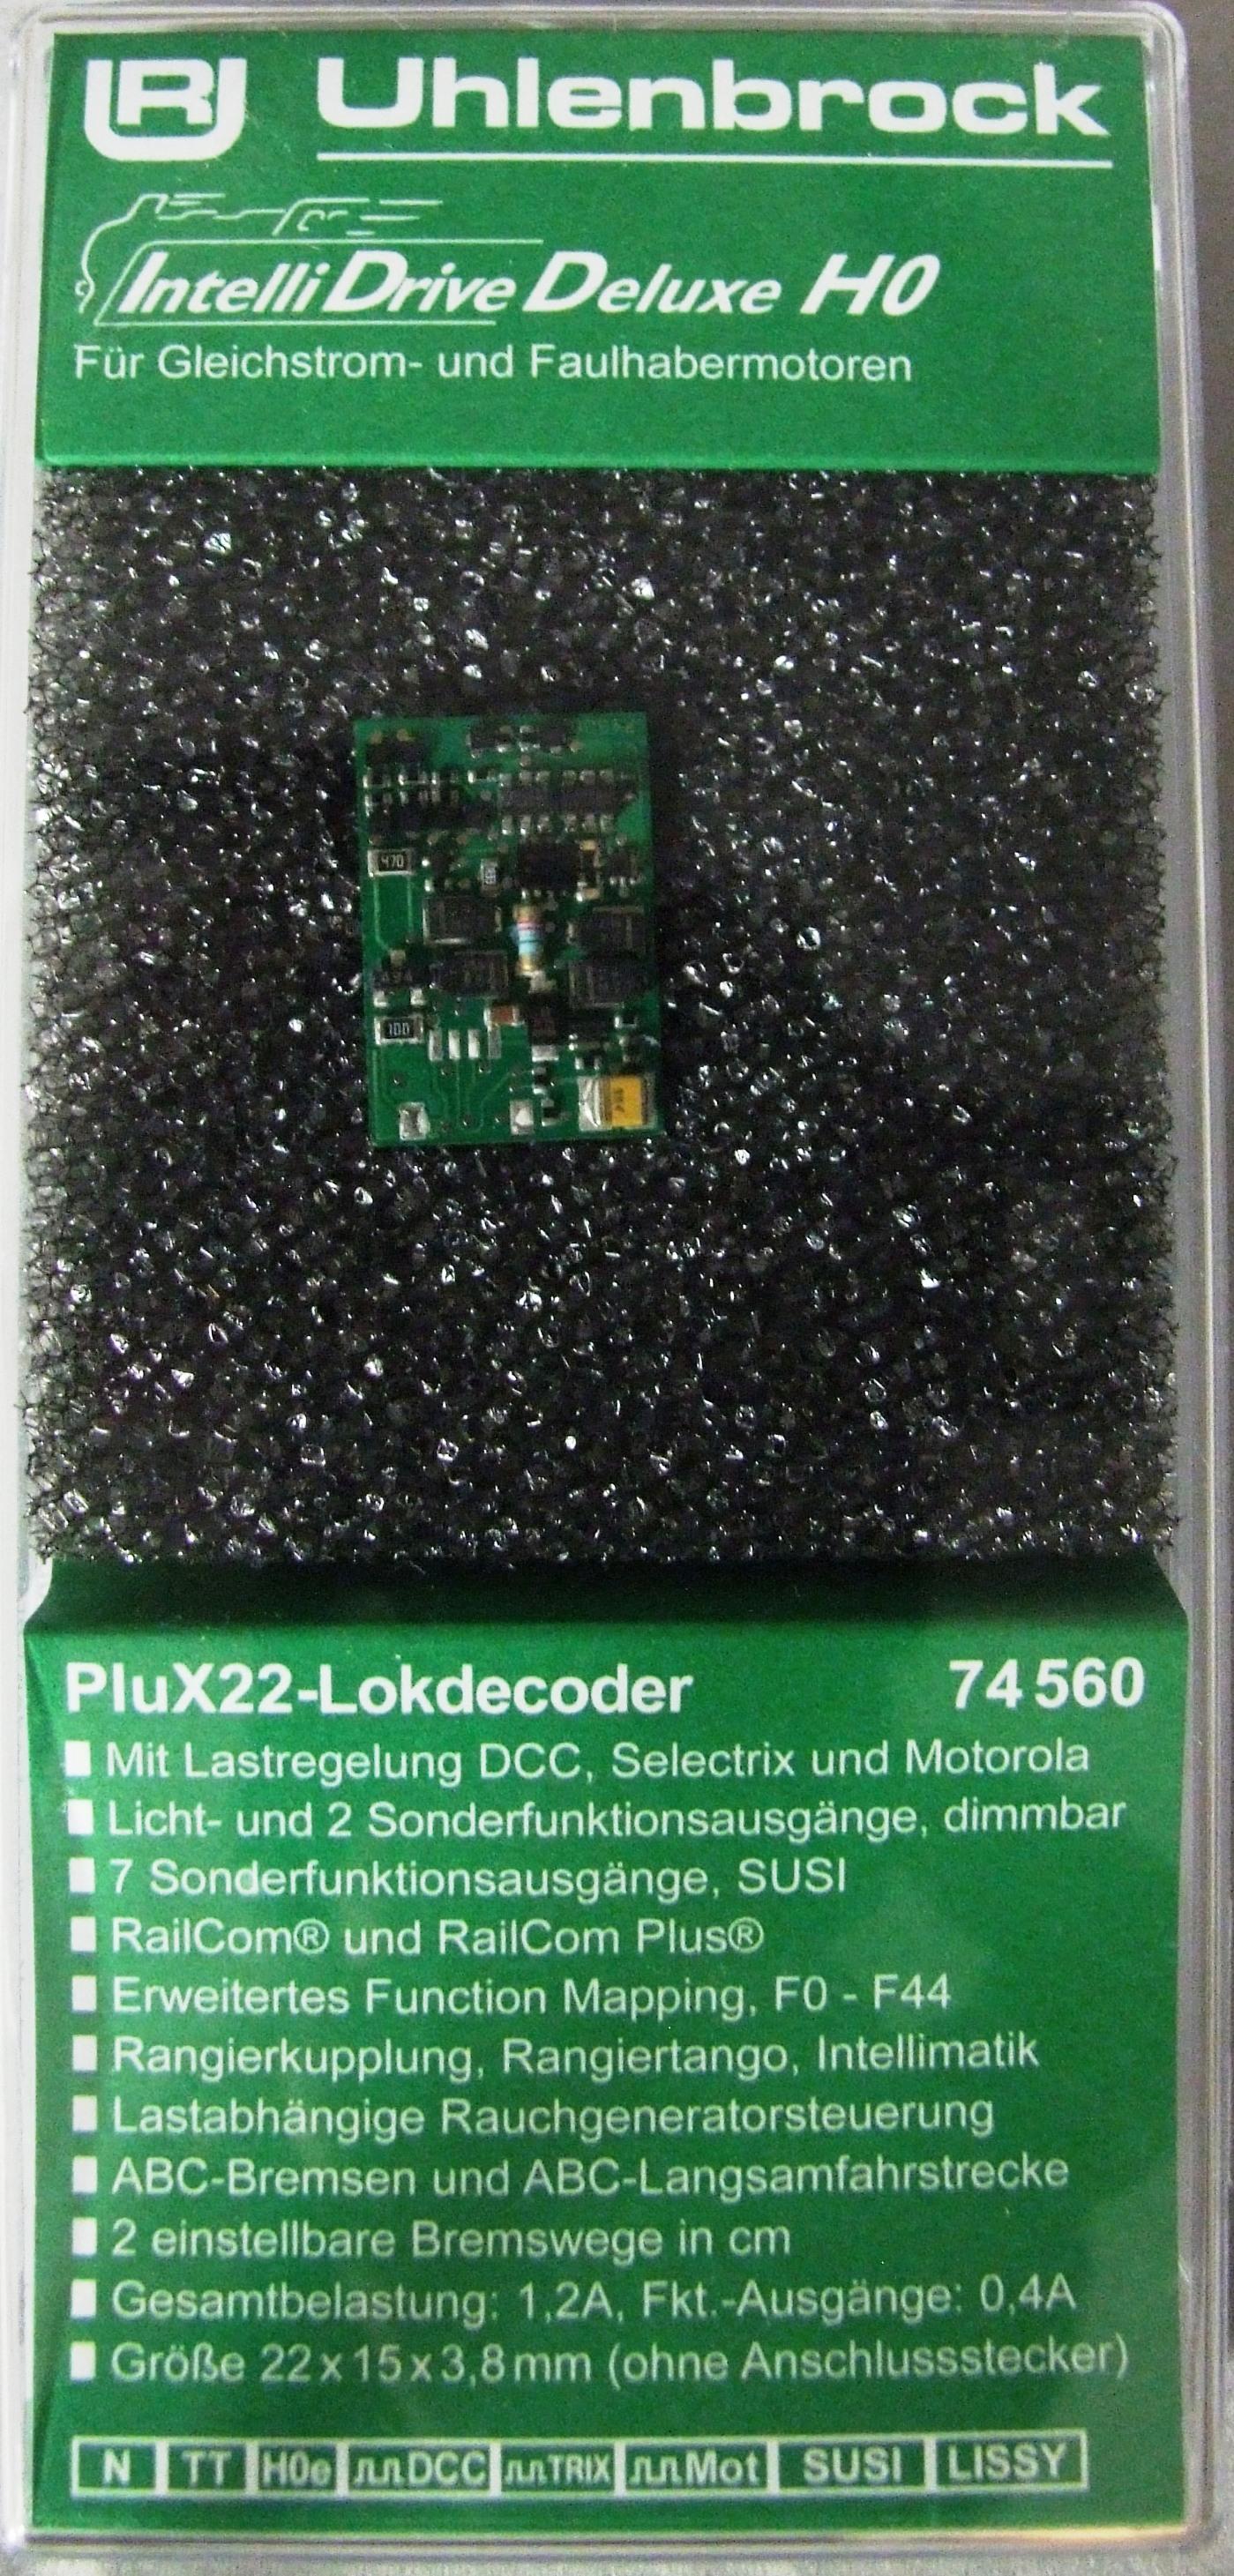 Décodeur UHLENBROCK Plux 22 pour locomotives ROCO UHLENBROCK 76560